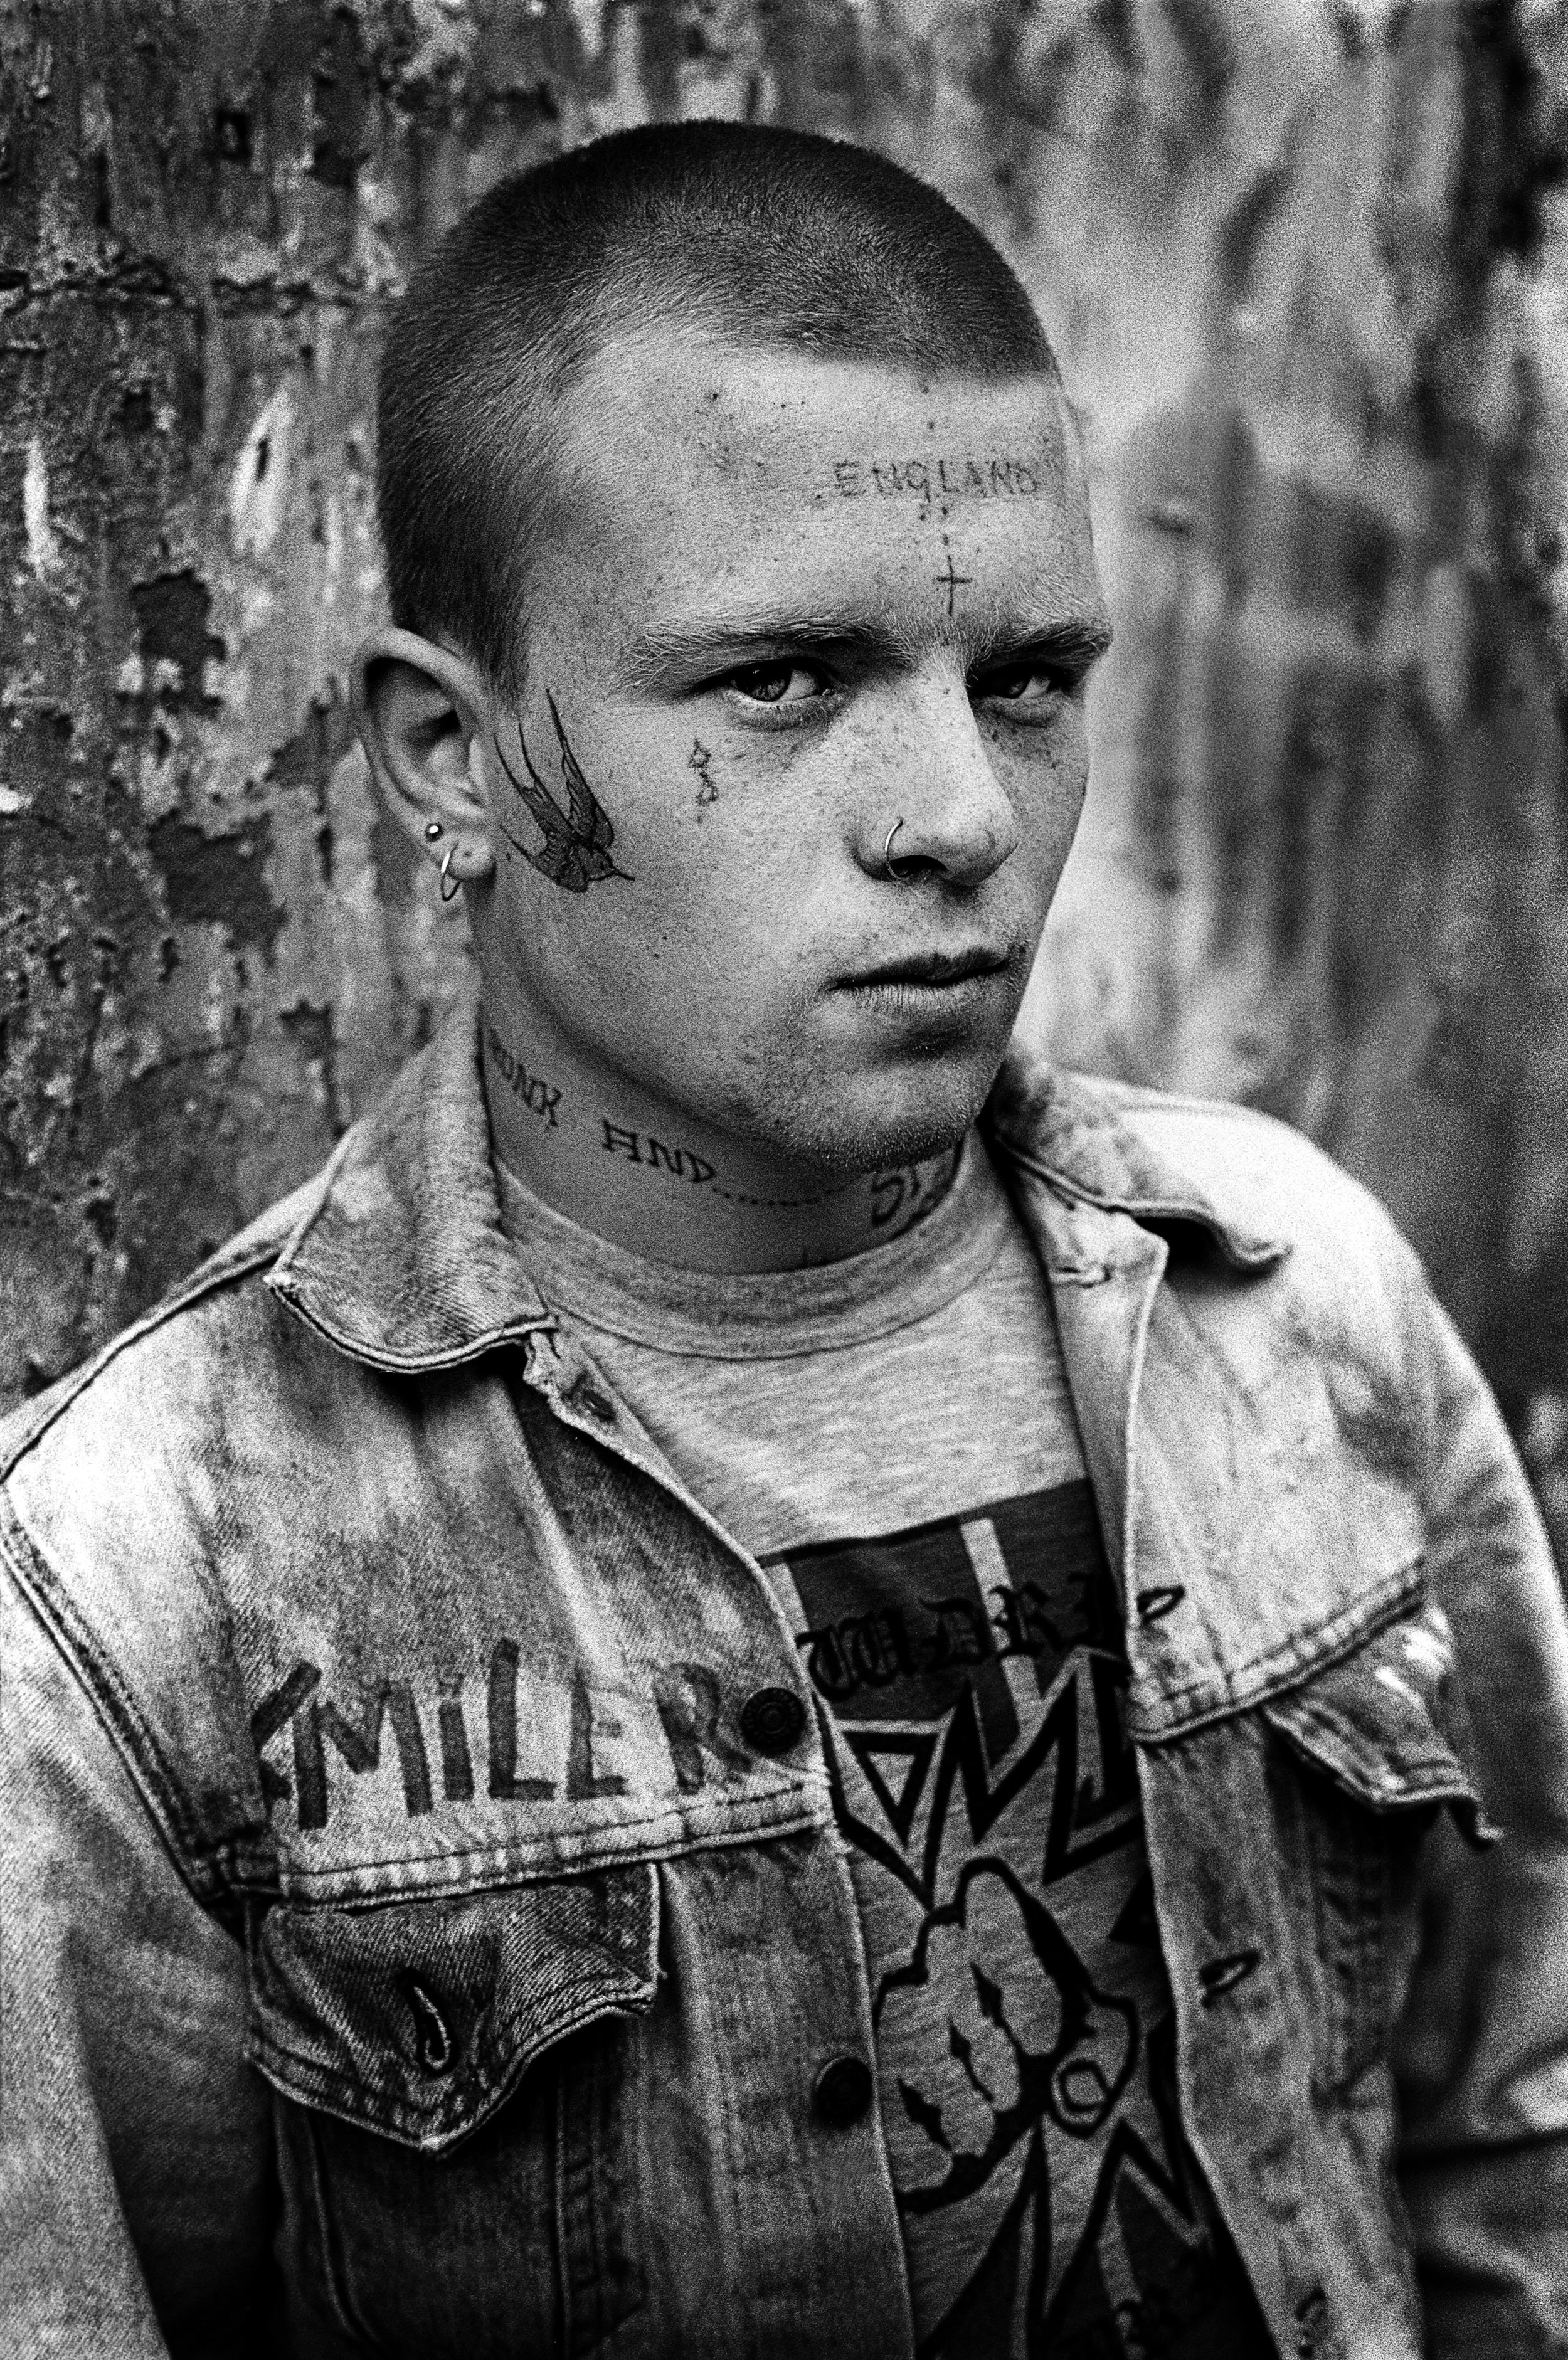 Smiler, 1984